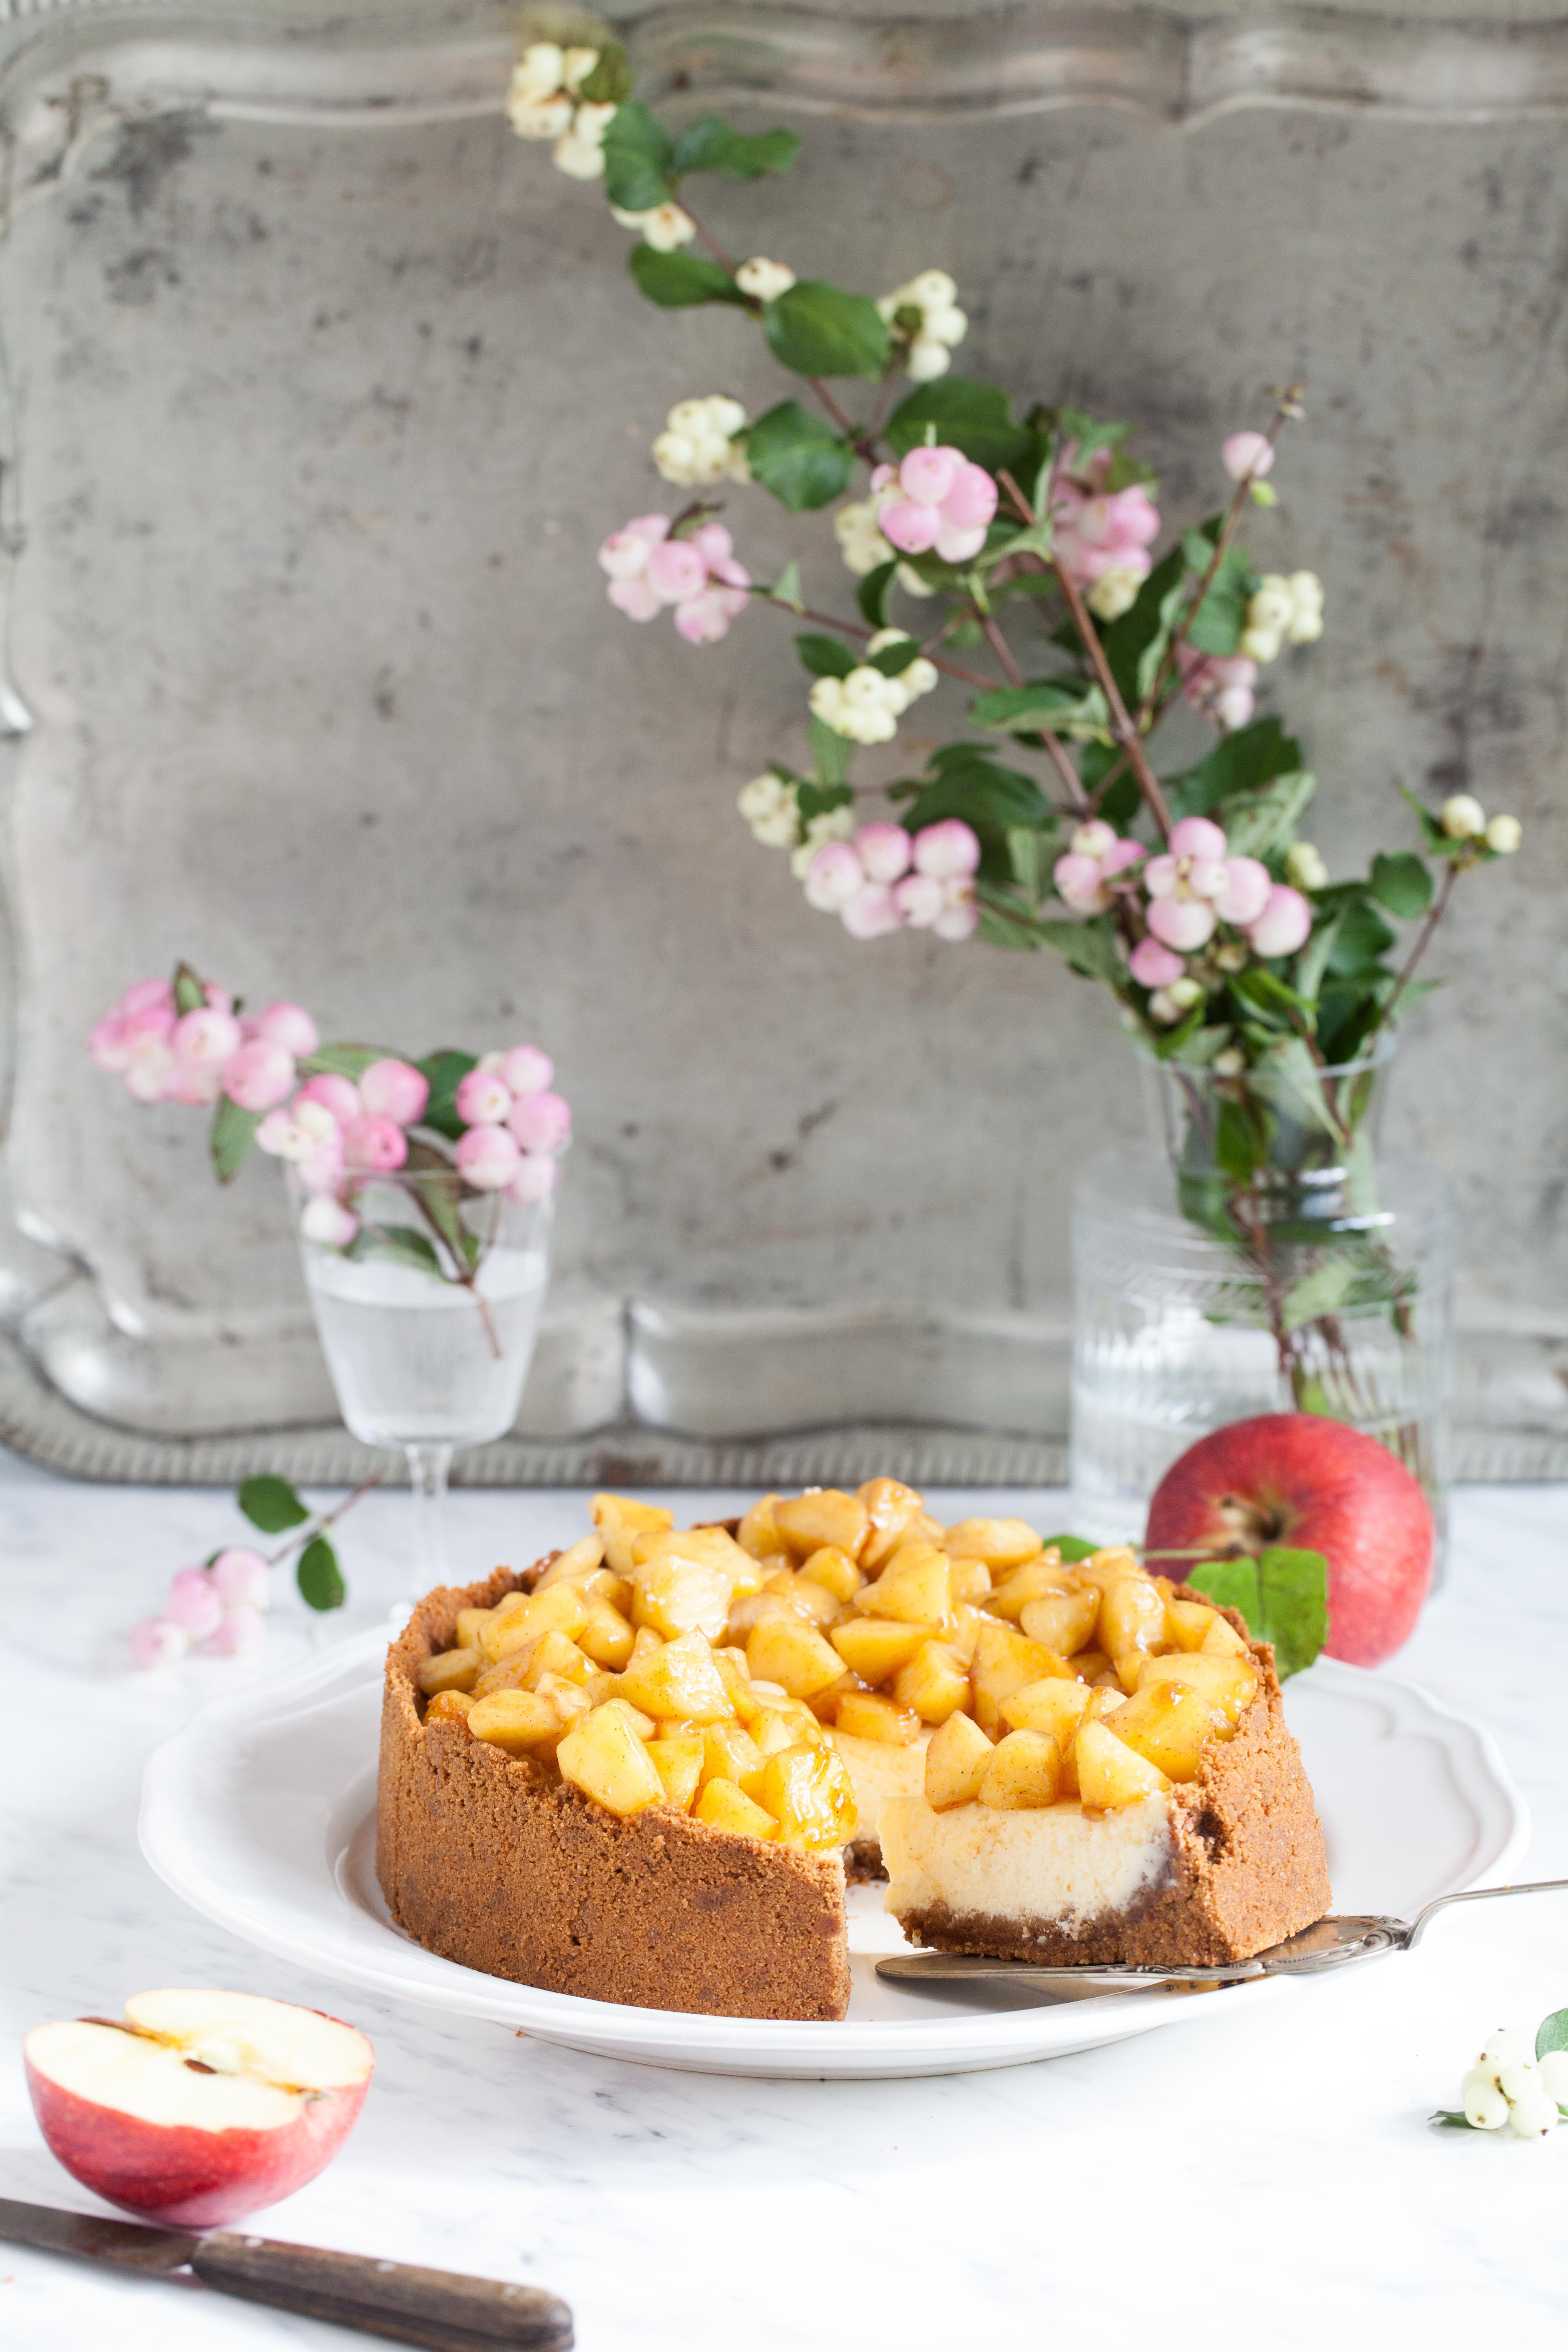 Backrezept für Apple Cheesecake Apfel Käsekuchen mit Amarettiniboden Zuckerzimtundliebe Apfelkuchen Apfelrezept Cheesecakerezept Herbstkuchen Herbstrezept New York Cheesecake